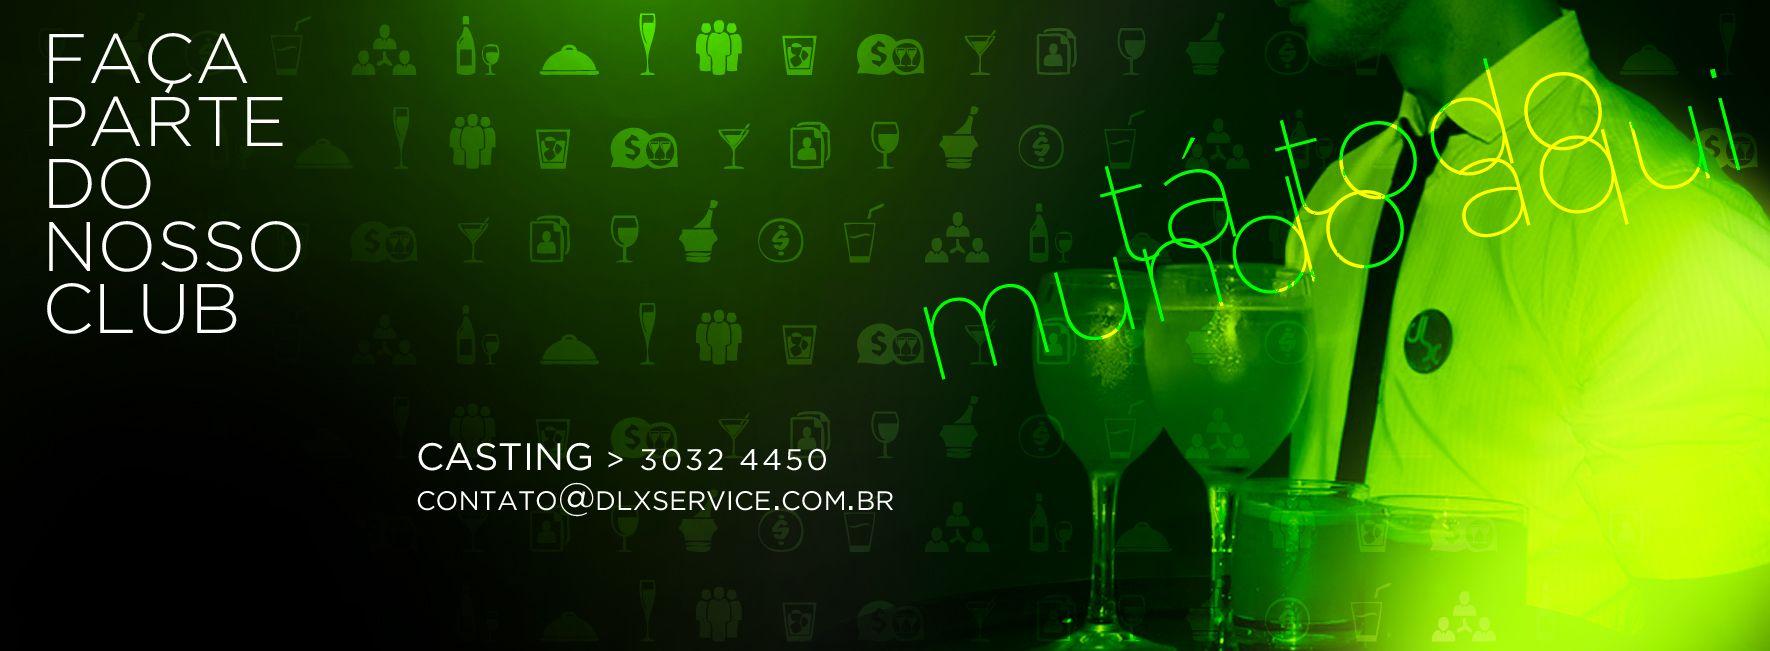 Arte para foto de capa Facebook          Campanha Ads | DLX www.facebook.com/servicedlx?fref=ts